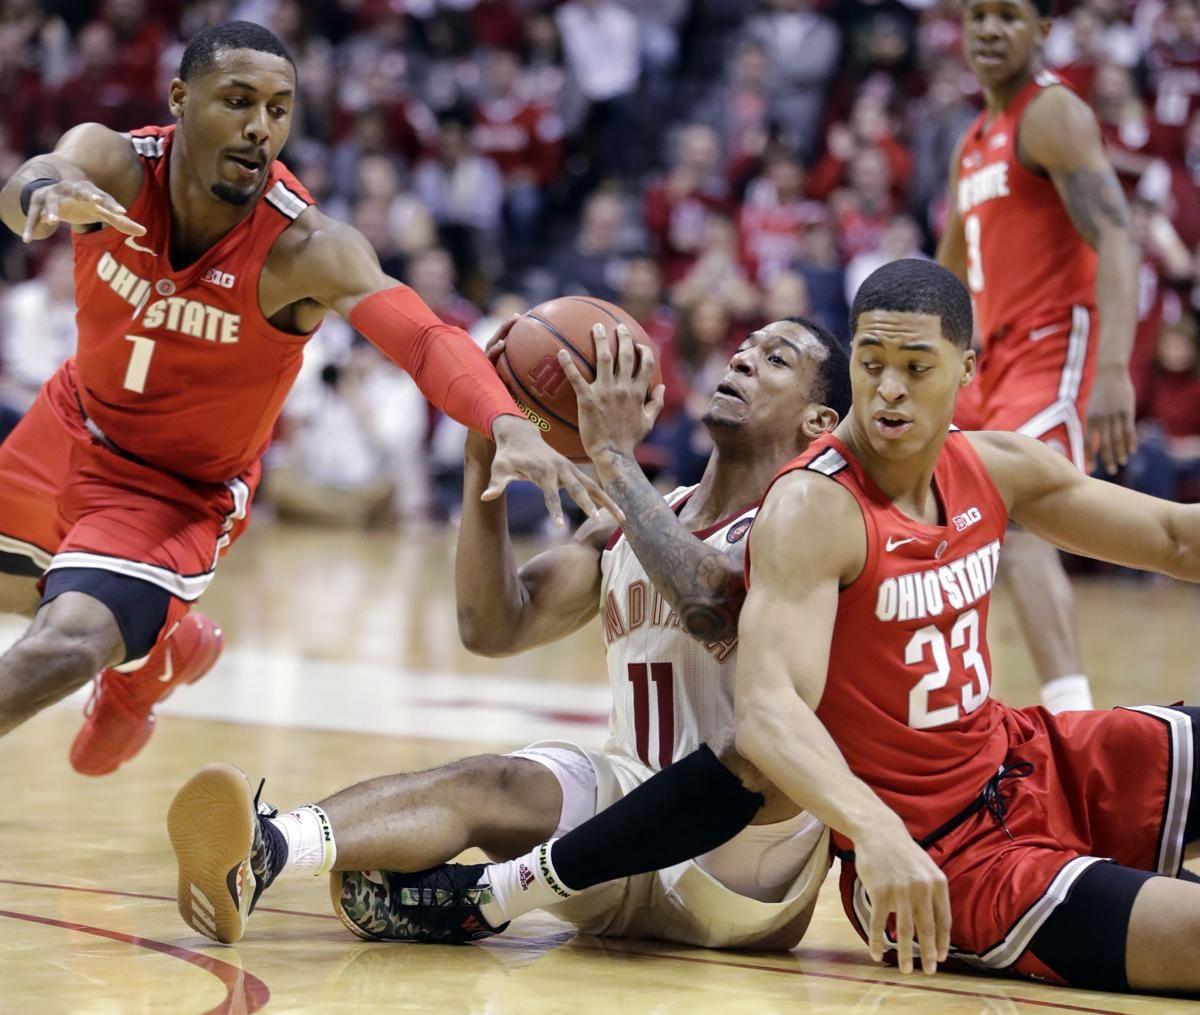 Wesson's tiebreaking dunk sends Buckeyes past Hoosiers